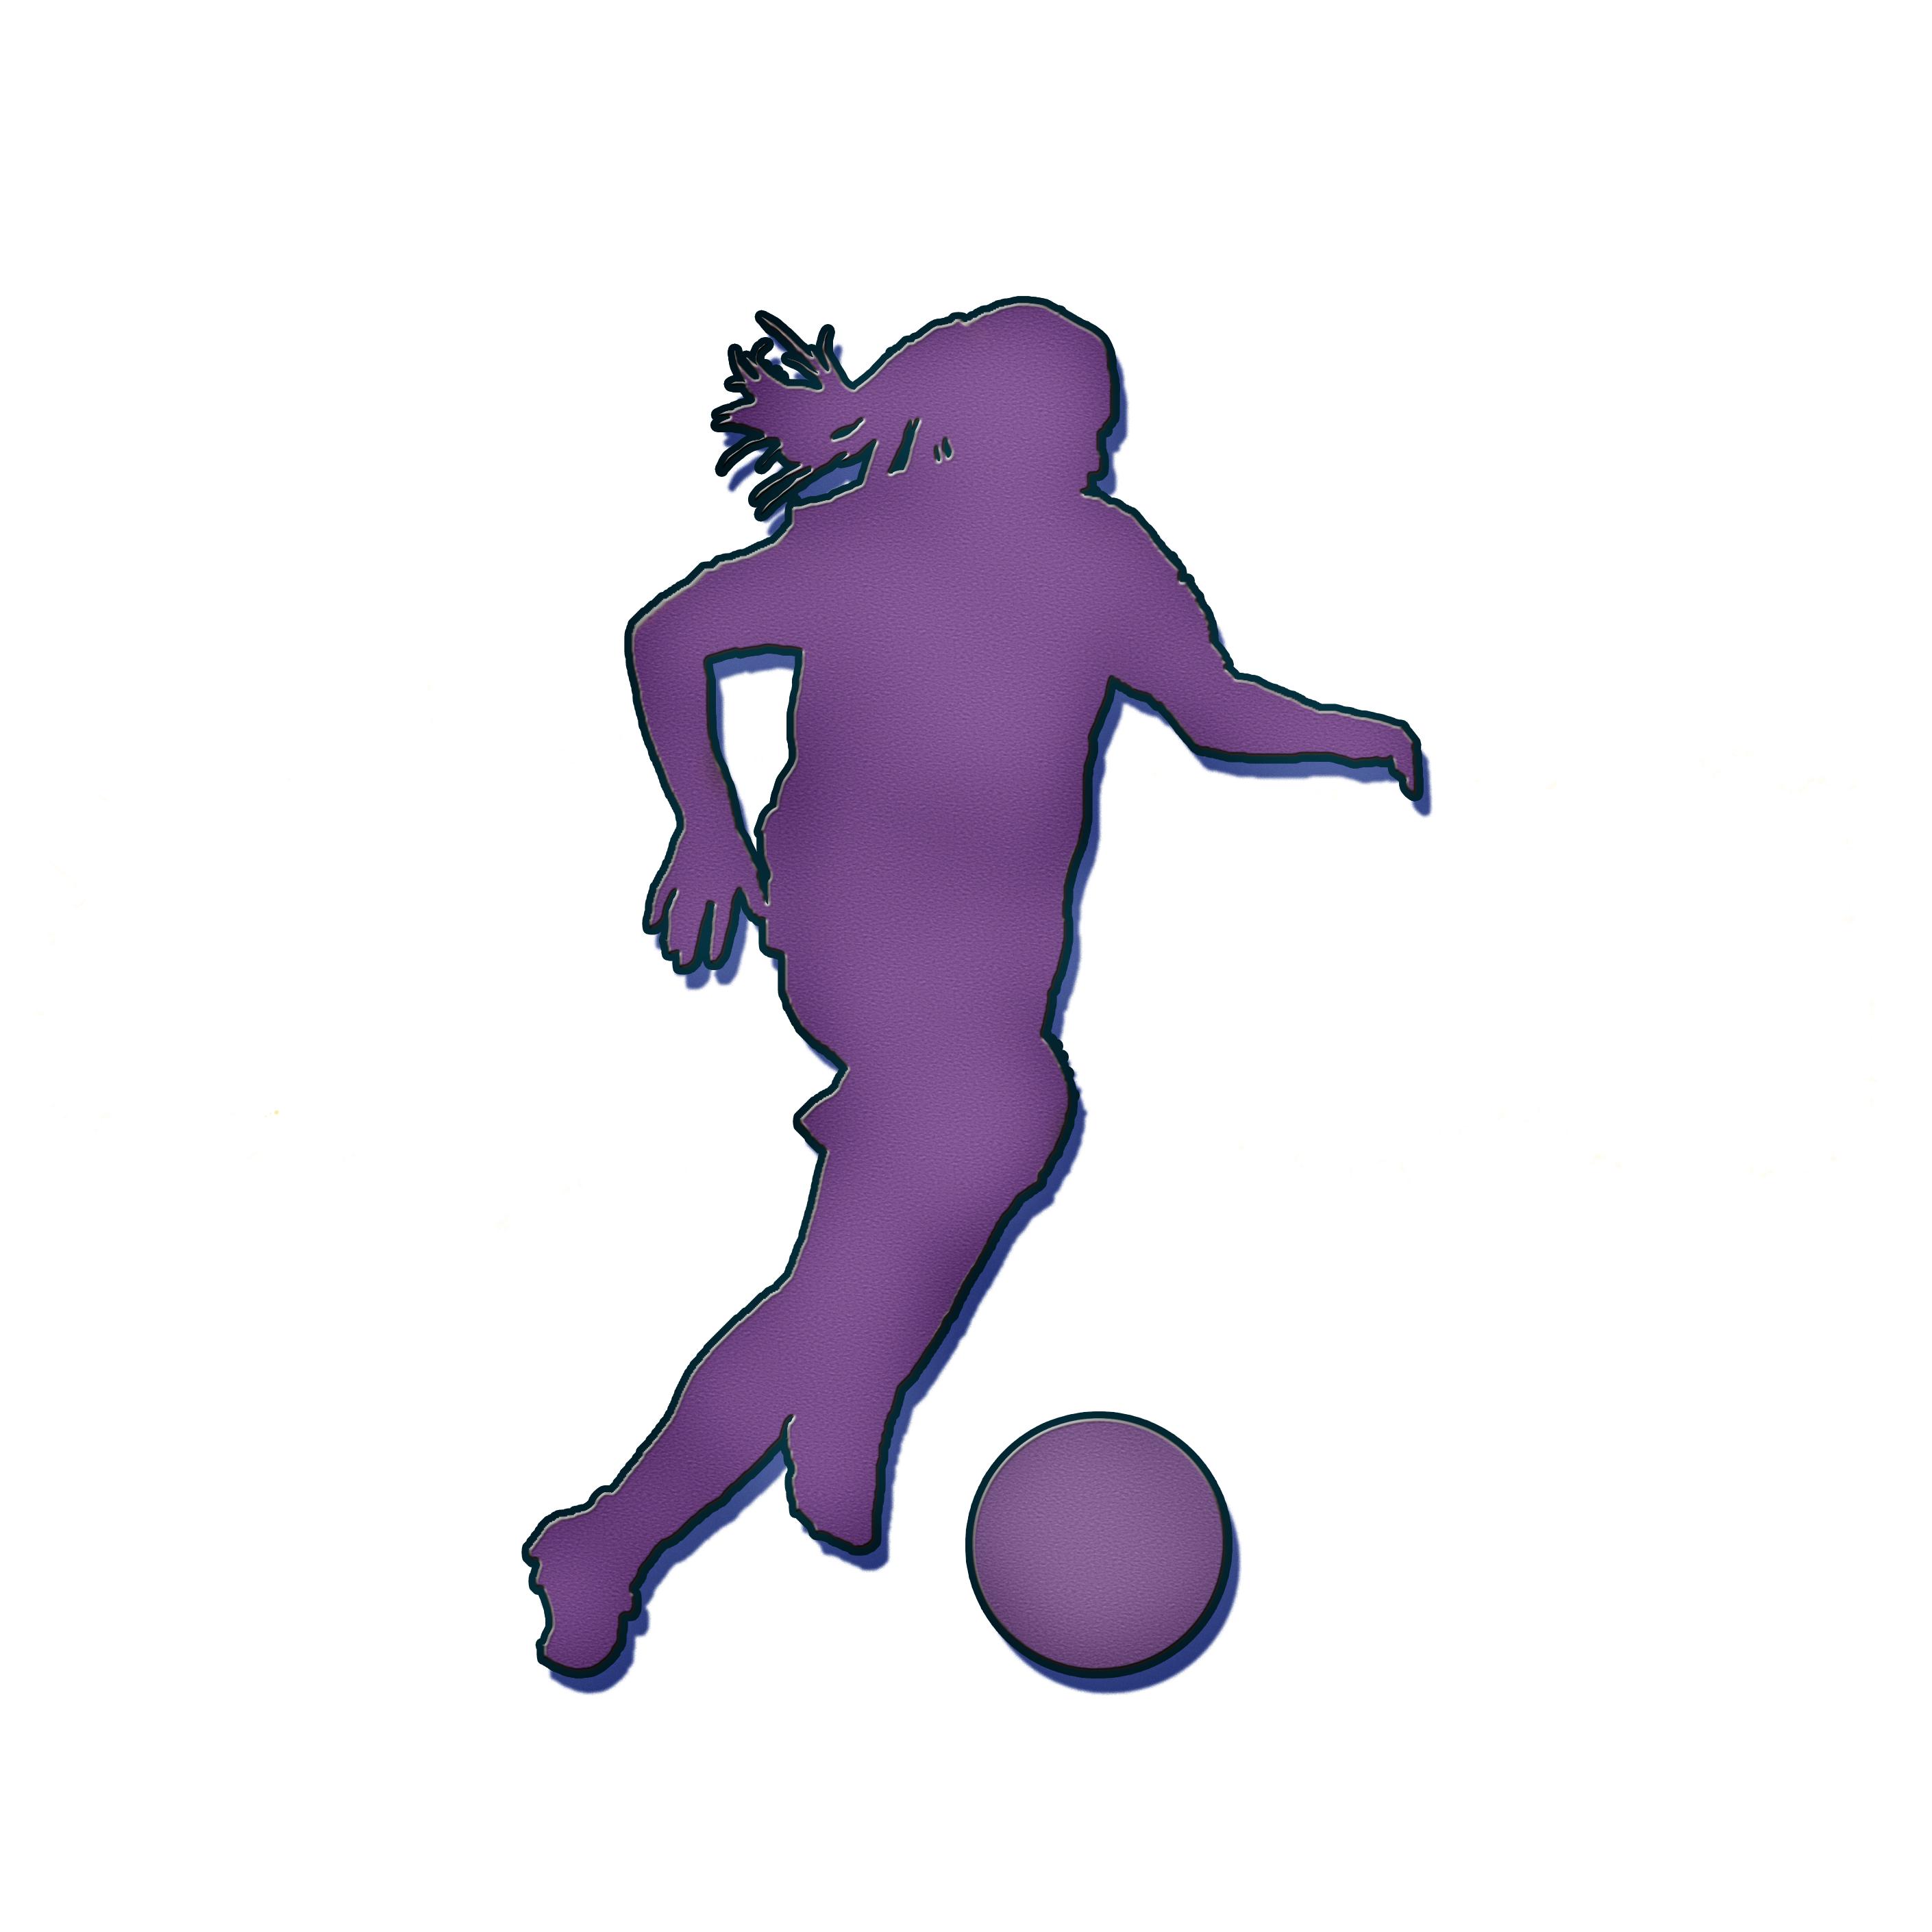 Les filles aussi aiment le foot